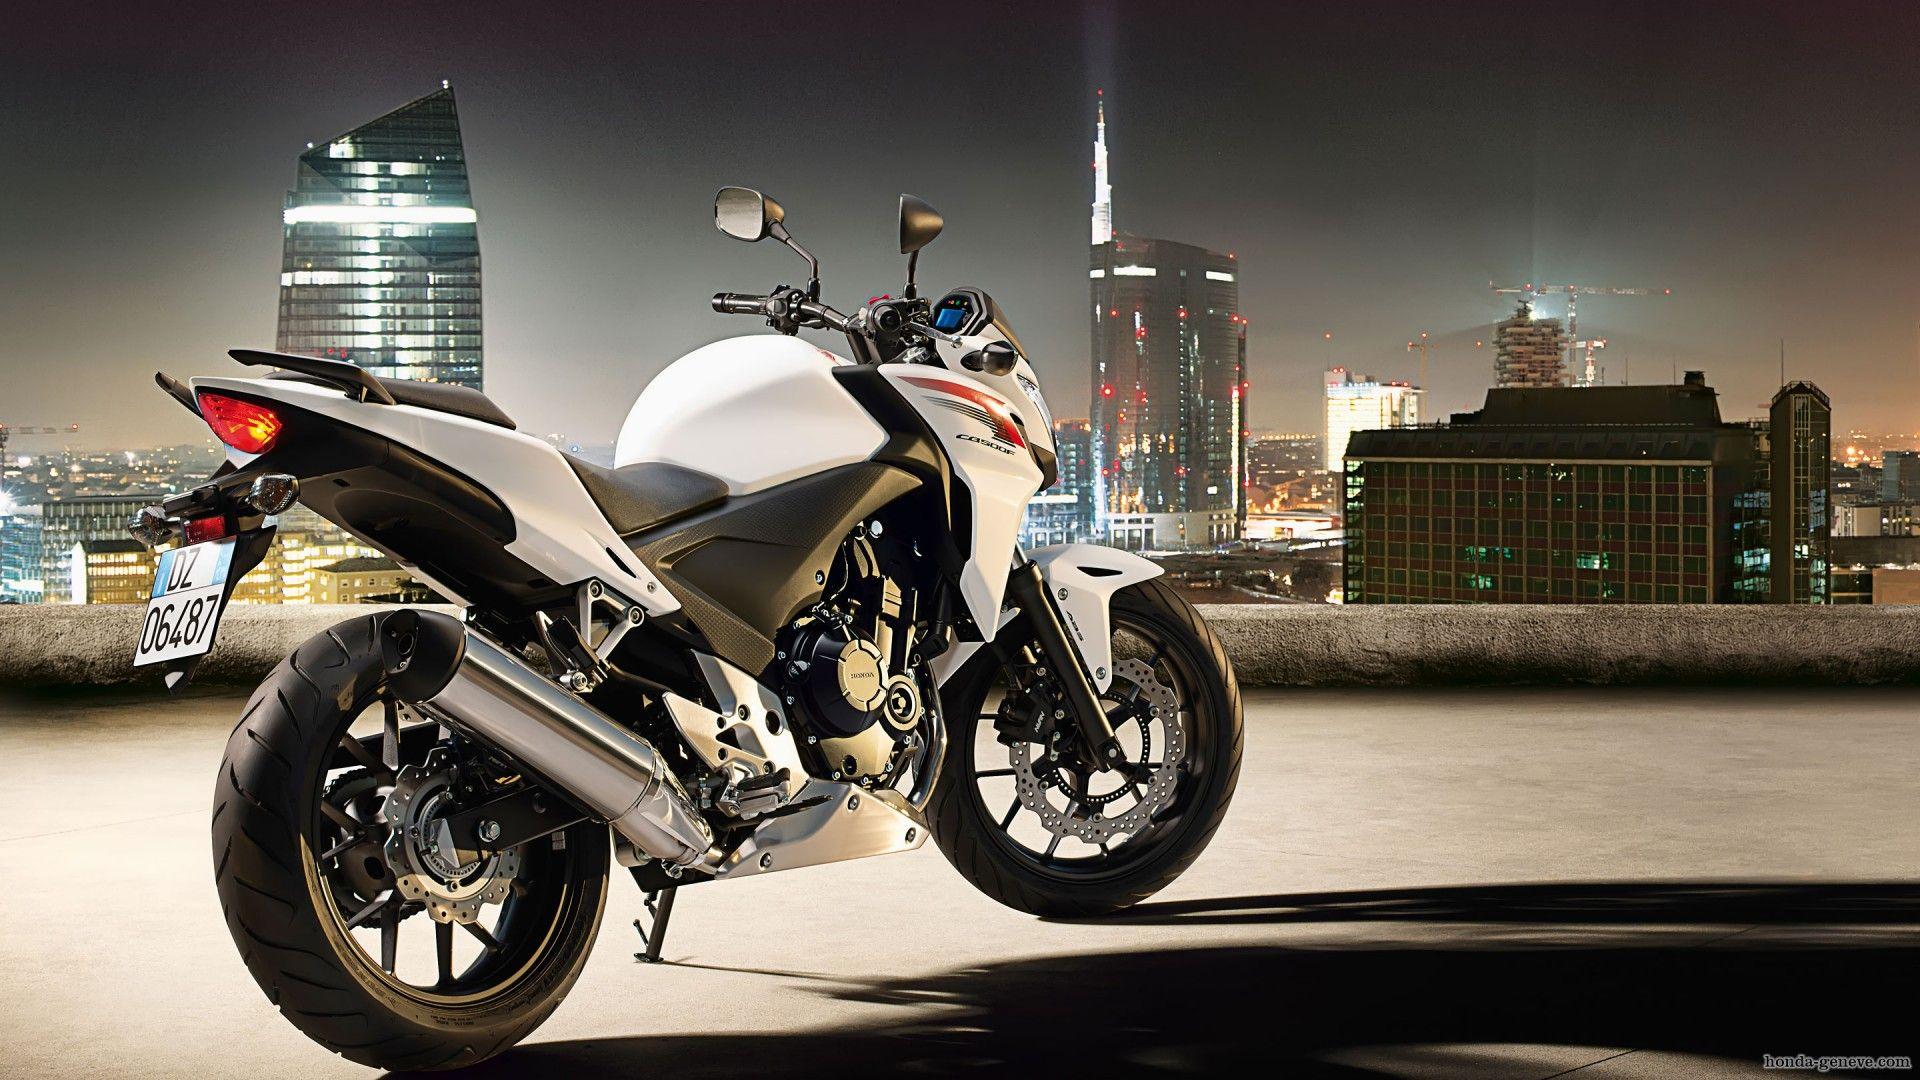 Honda CB500F Wallpaper